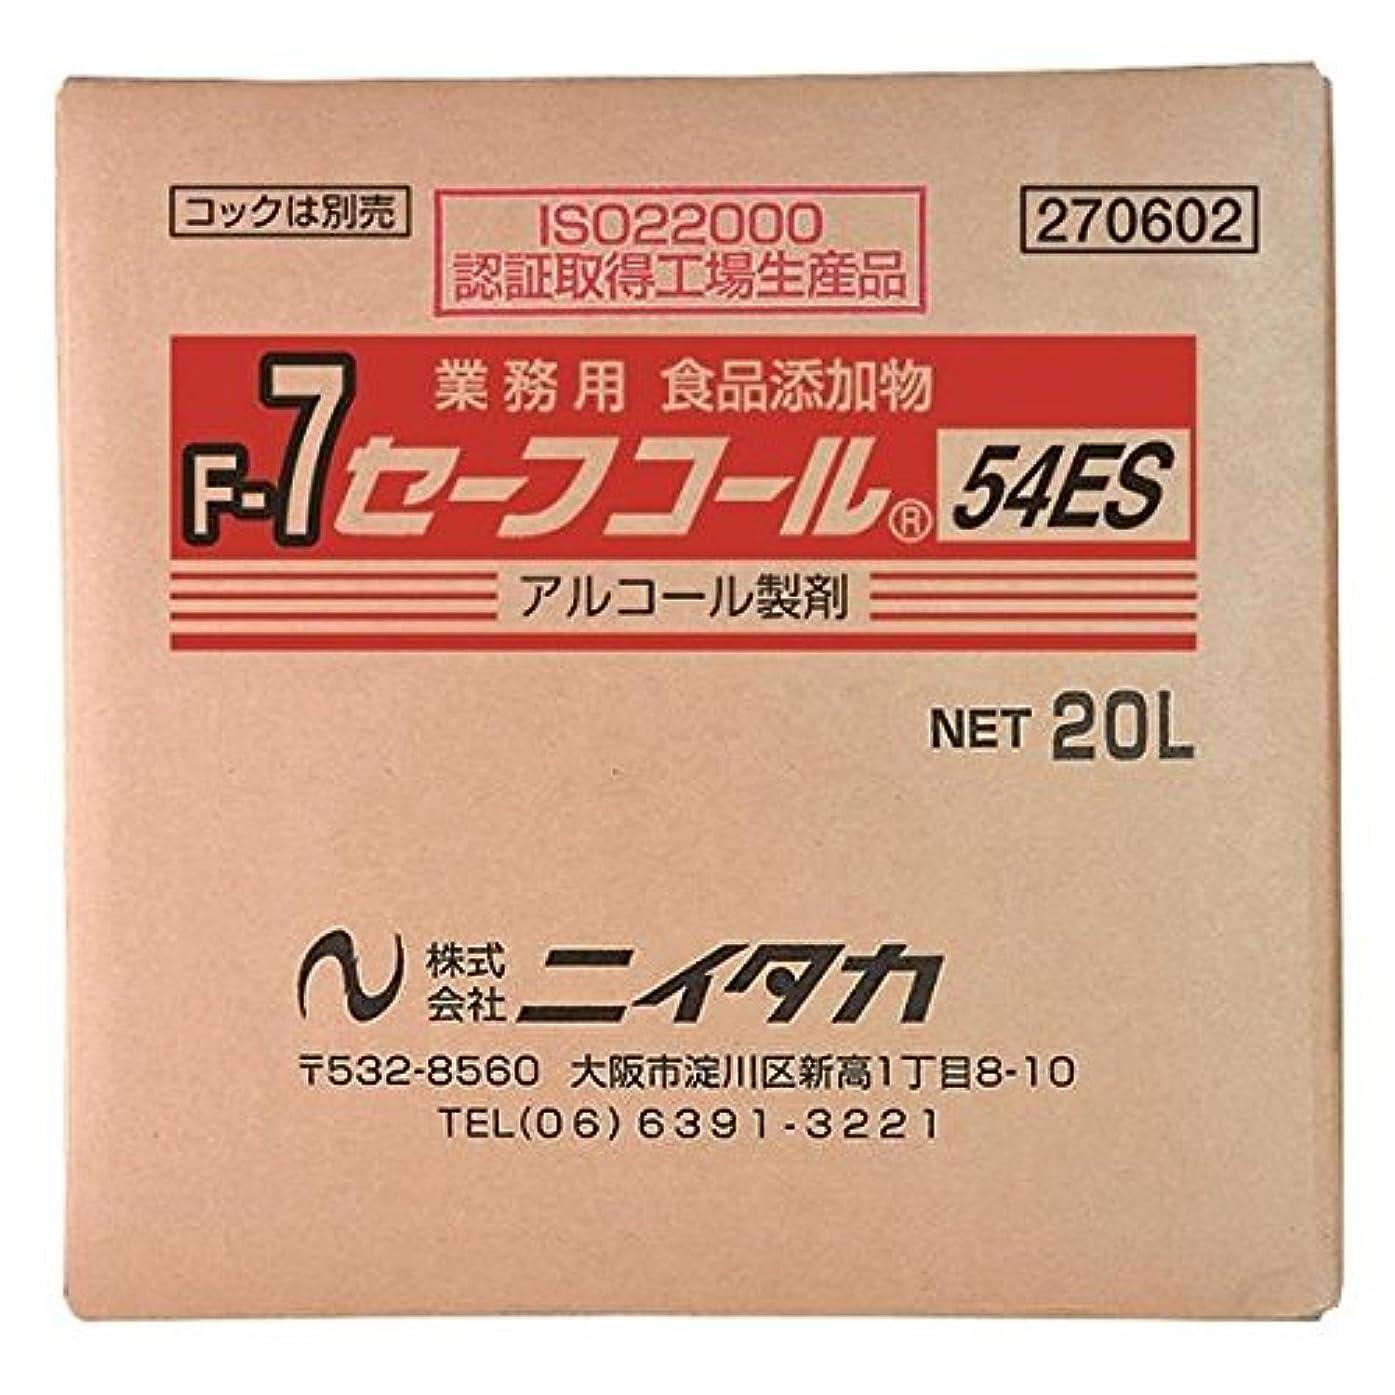 乱す悲劇衝突ニイタカ:セーフコール54ES(F-7) 20L(BIB) 270602